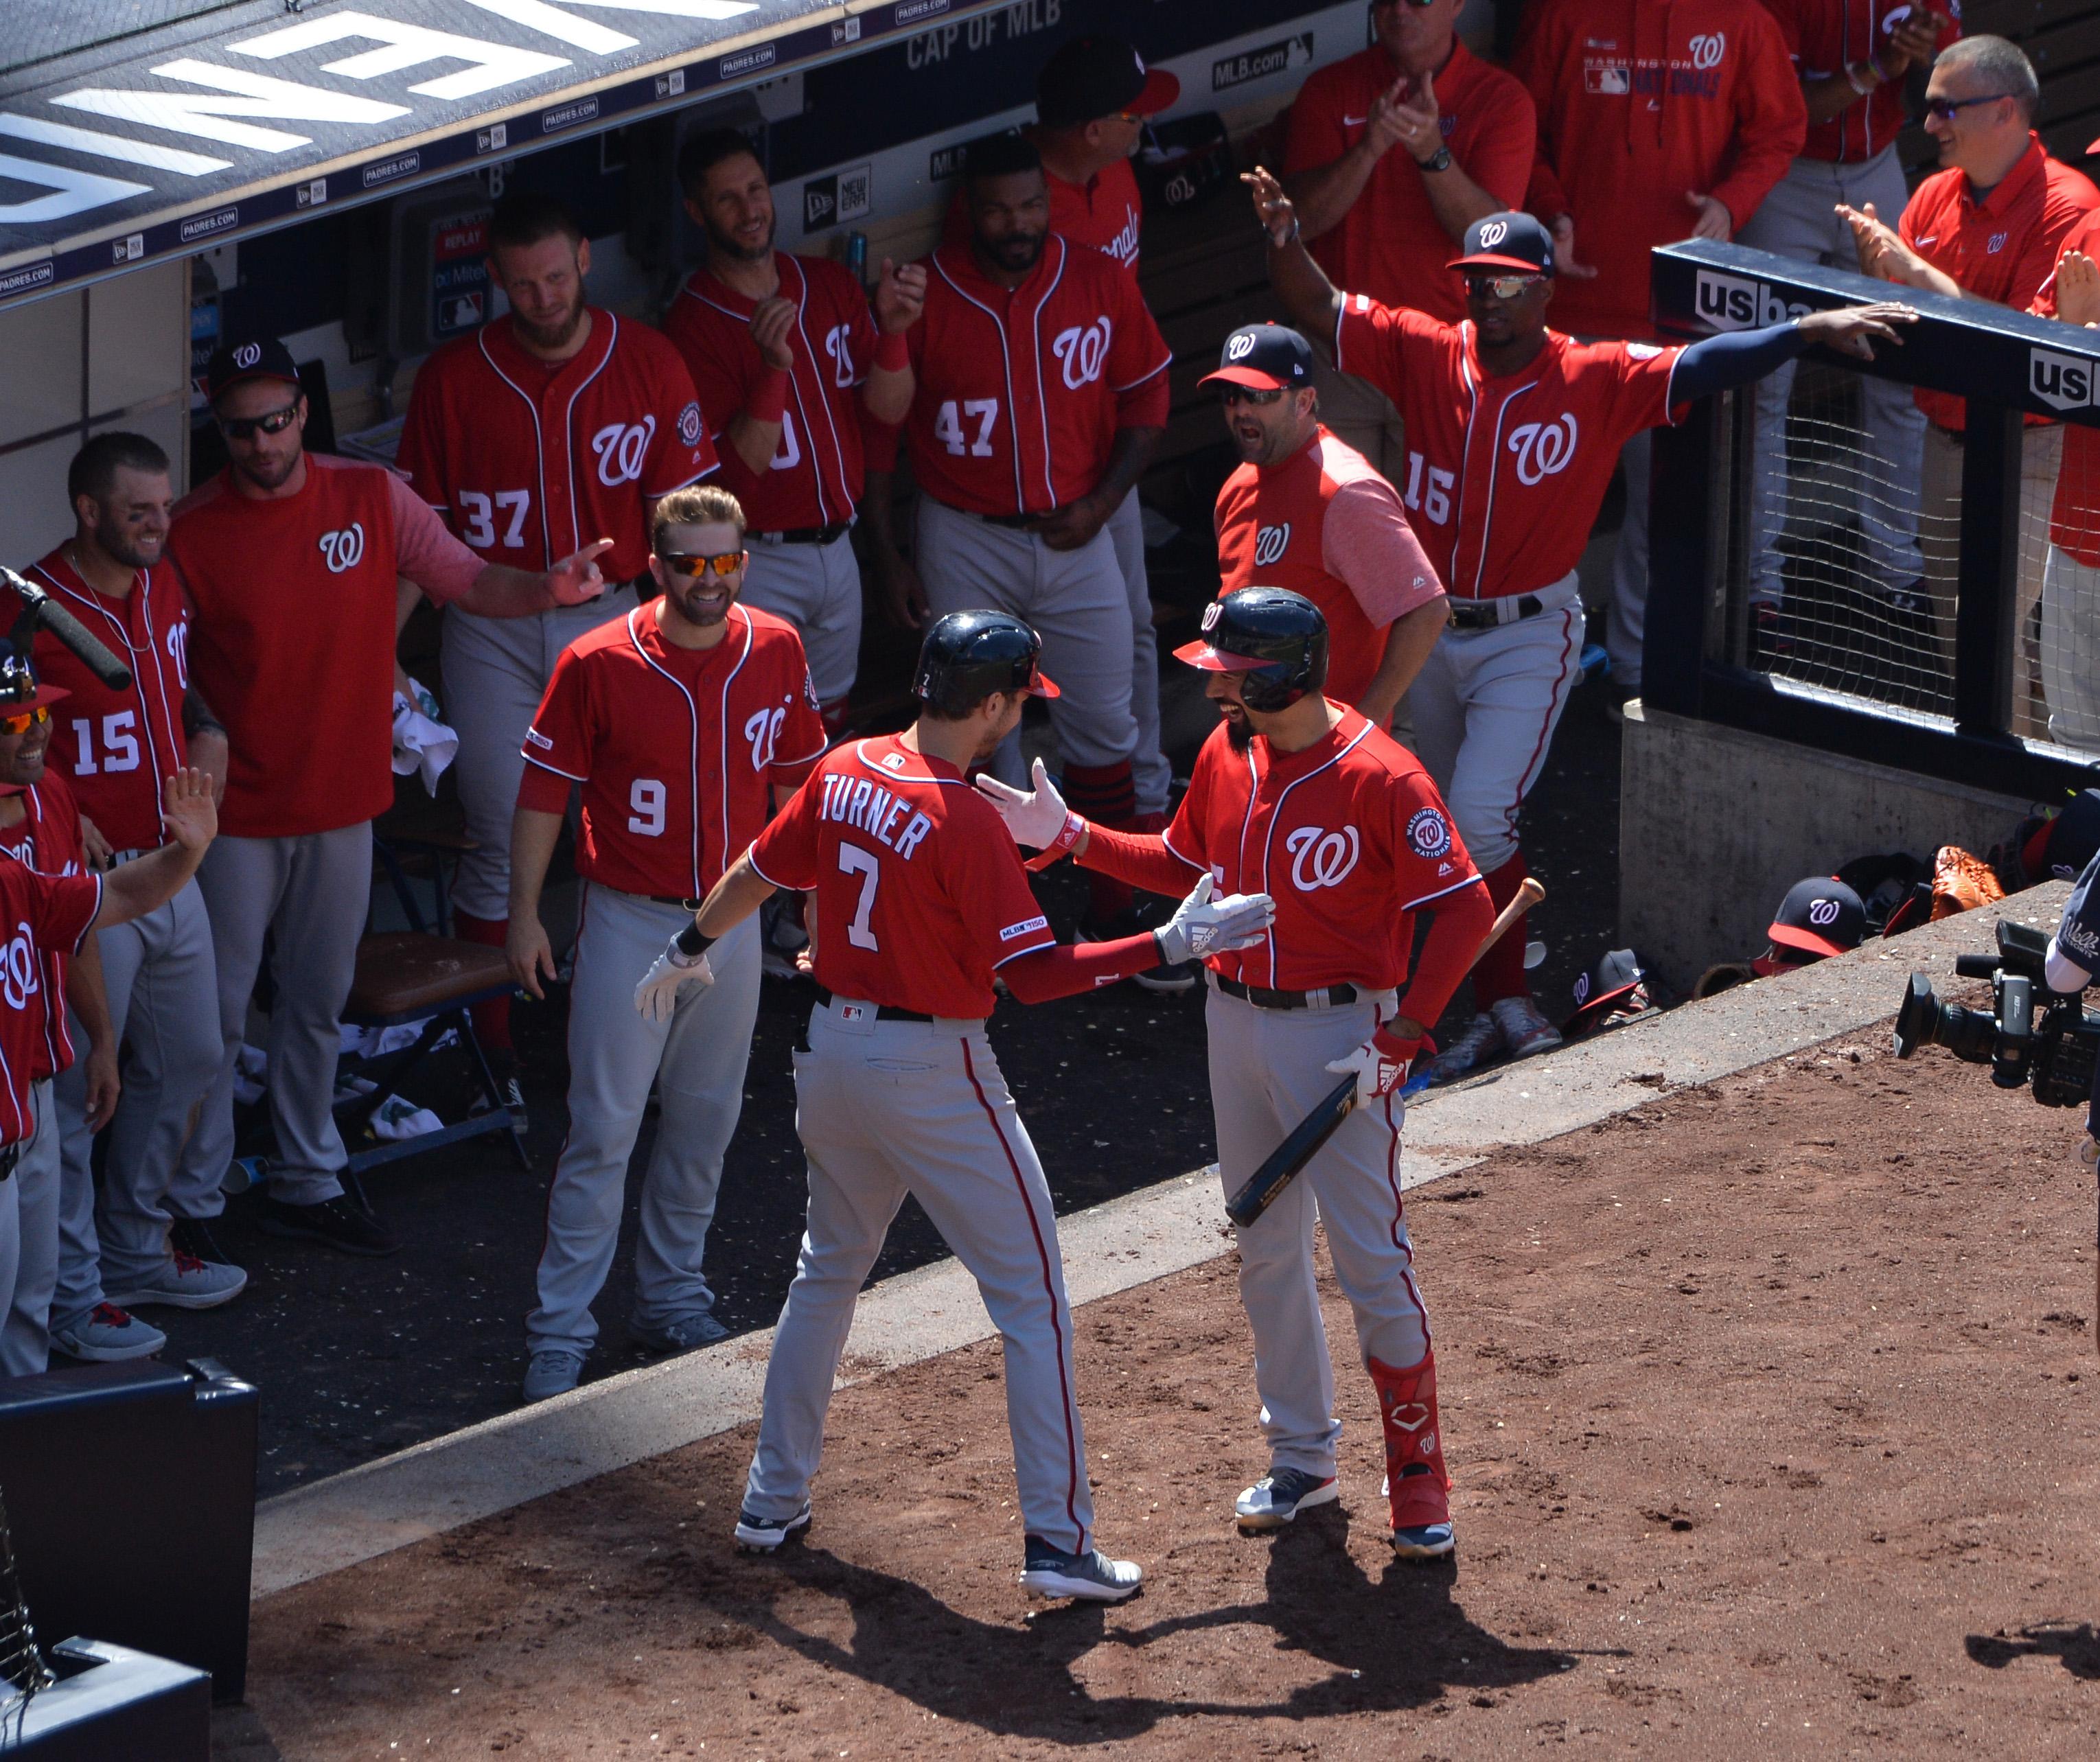 MLB: Washington Nationals at San Diego Padres